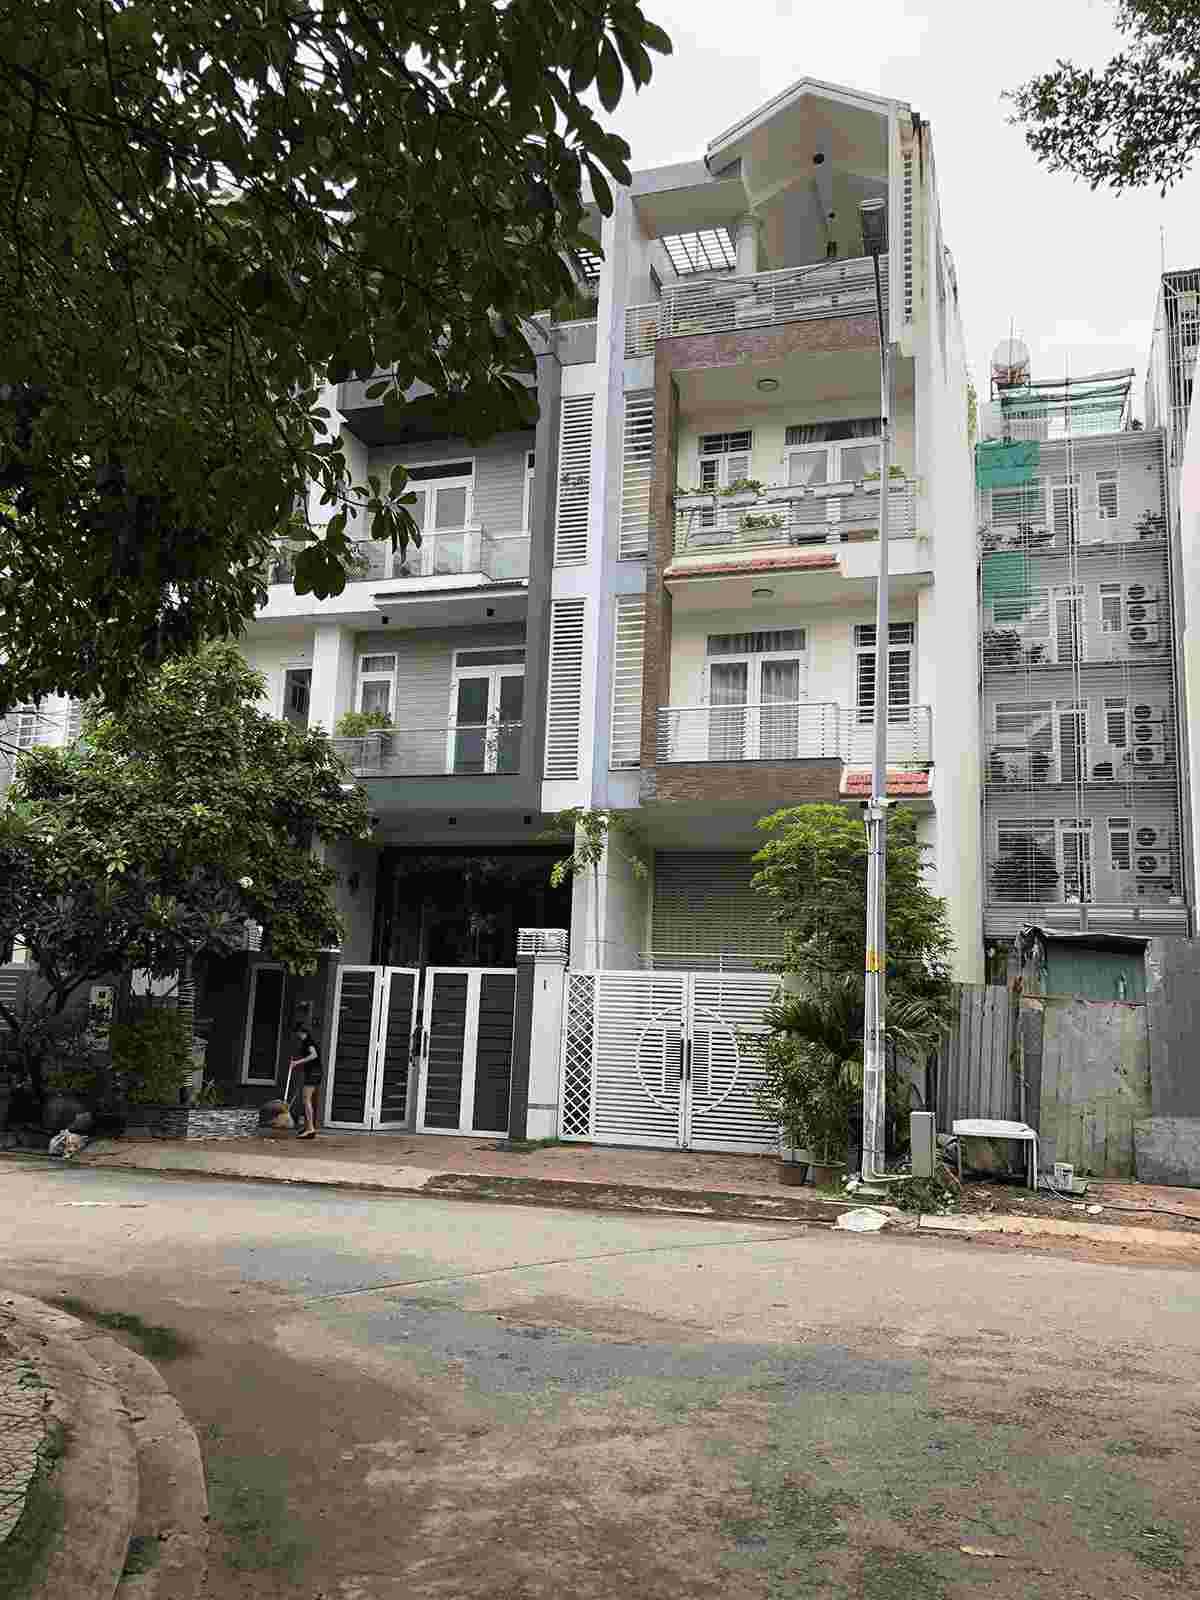 Bán nhà phố khu dân cư Him Lam Kênh Tẻ Quận 7 giá 17.5 tỷ, chỉ cách Sunrise khoảng 200m, vị trí đẹp, tiện kinh doanh. LH: 0913.050.053